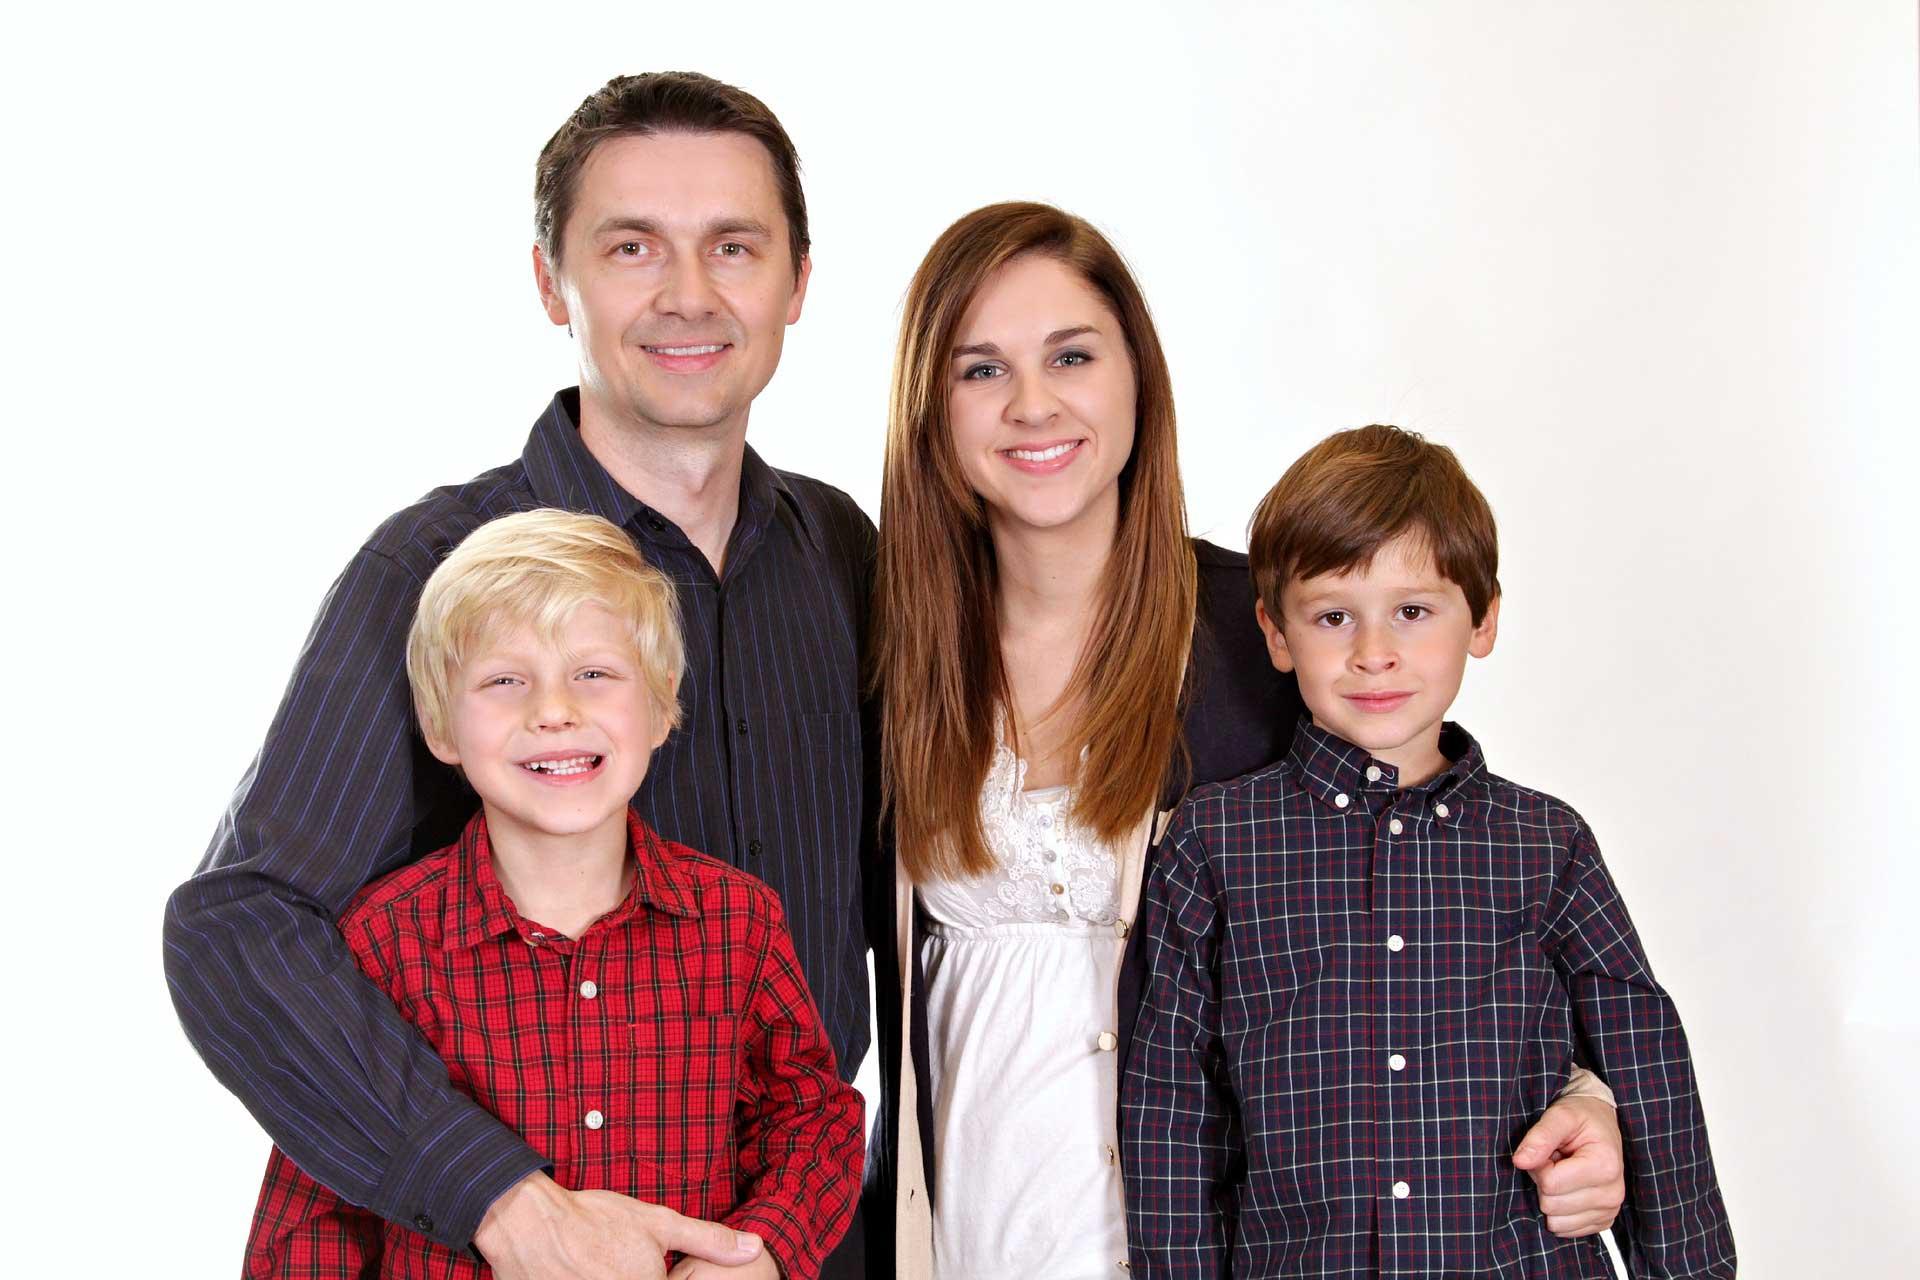 Đi định cư Canada đưa cả gia đình đi cùng